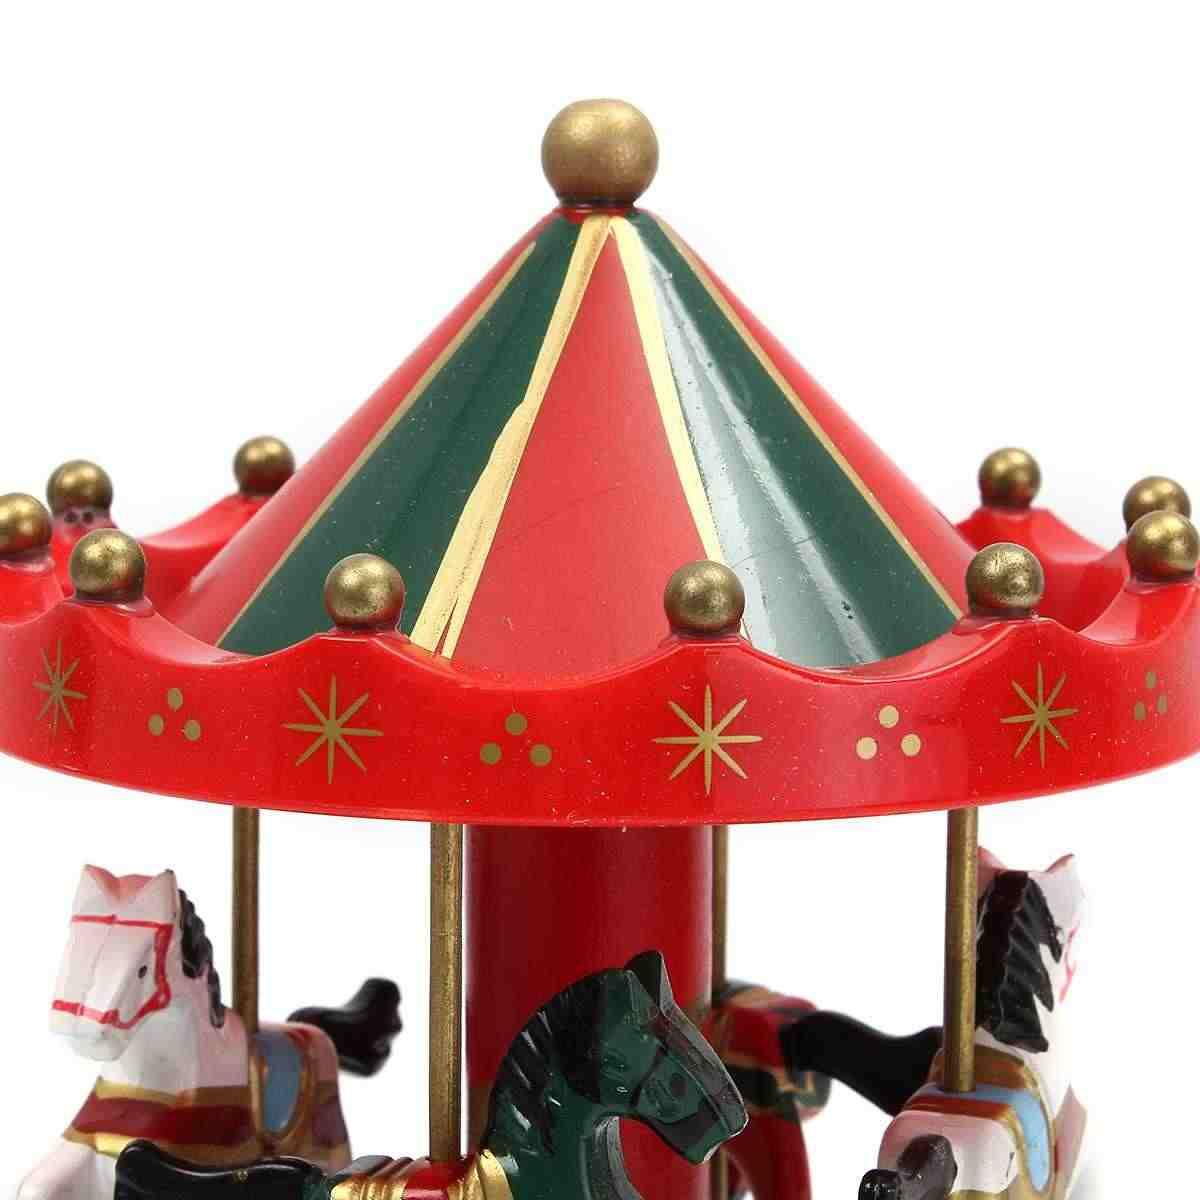 خشبية صندوق موسيقي دوار الحصان خرط جولة كاروسيل الكلاسيكية الموسيقية حالة موضوع الاطفال الأطفال غرفة ديكور اللعب الحالية